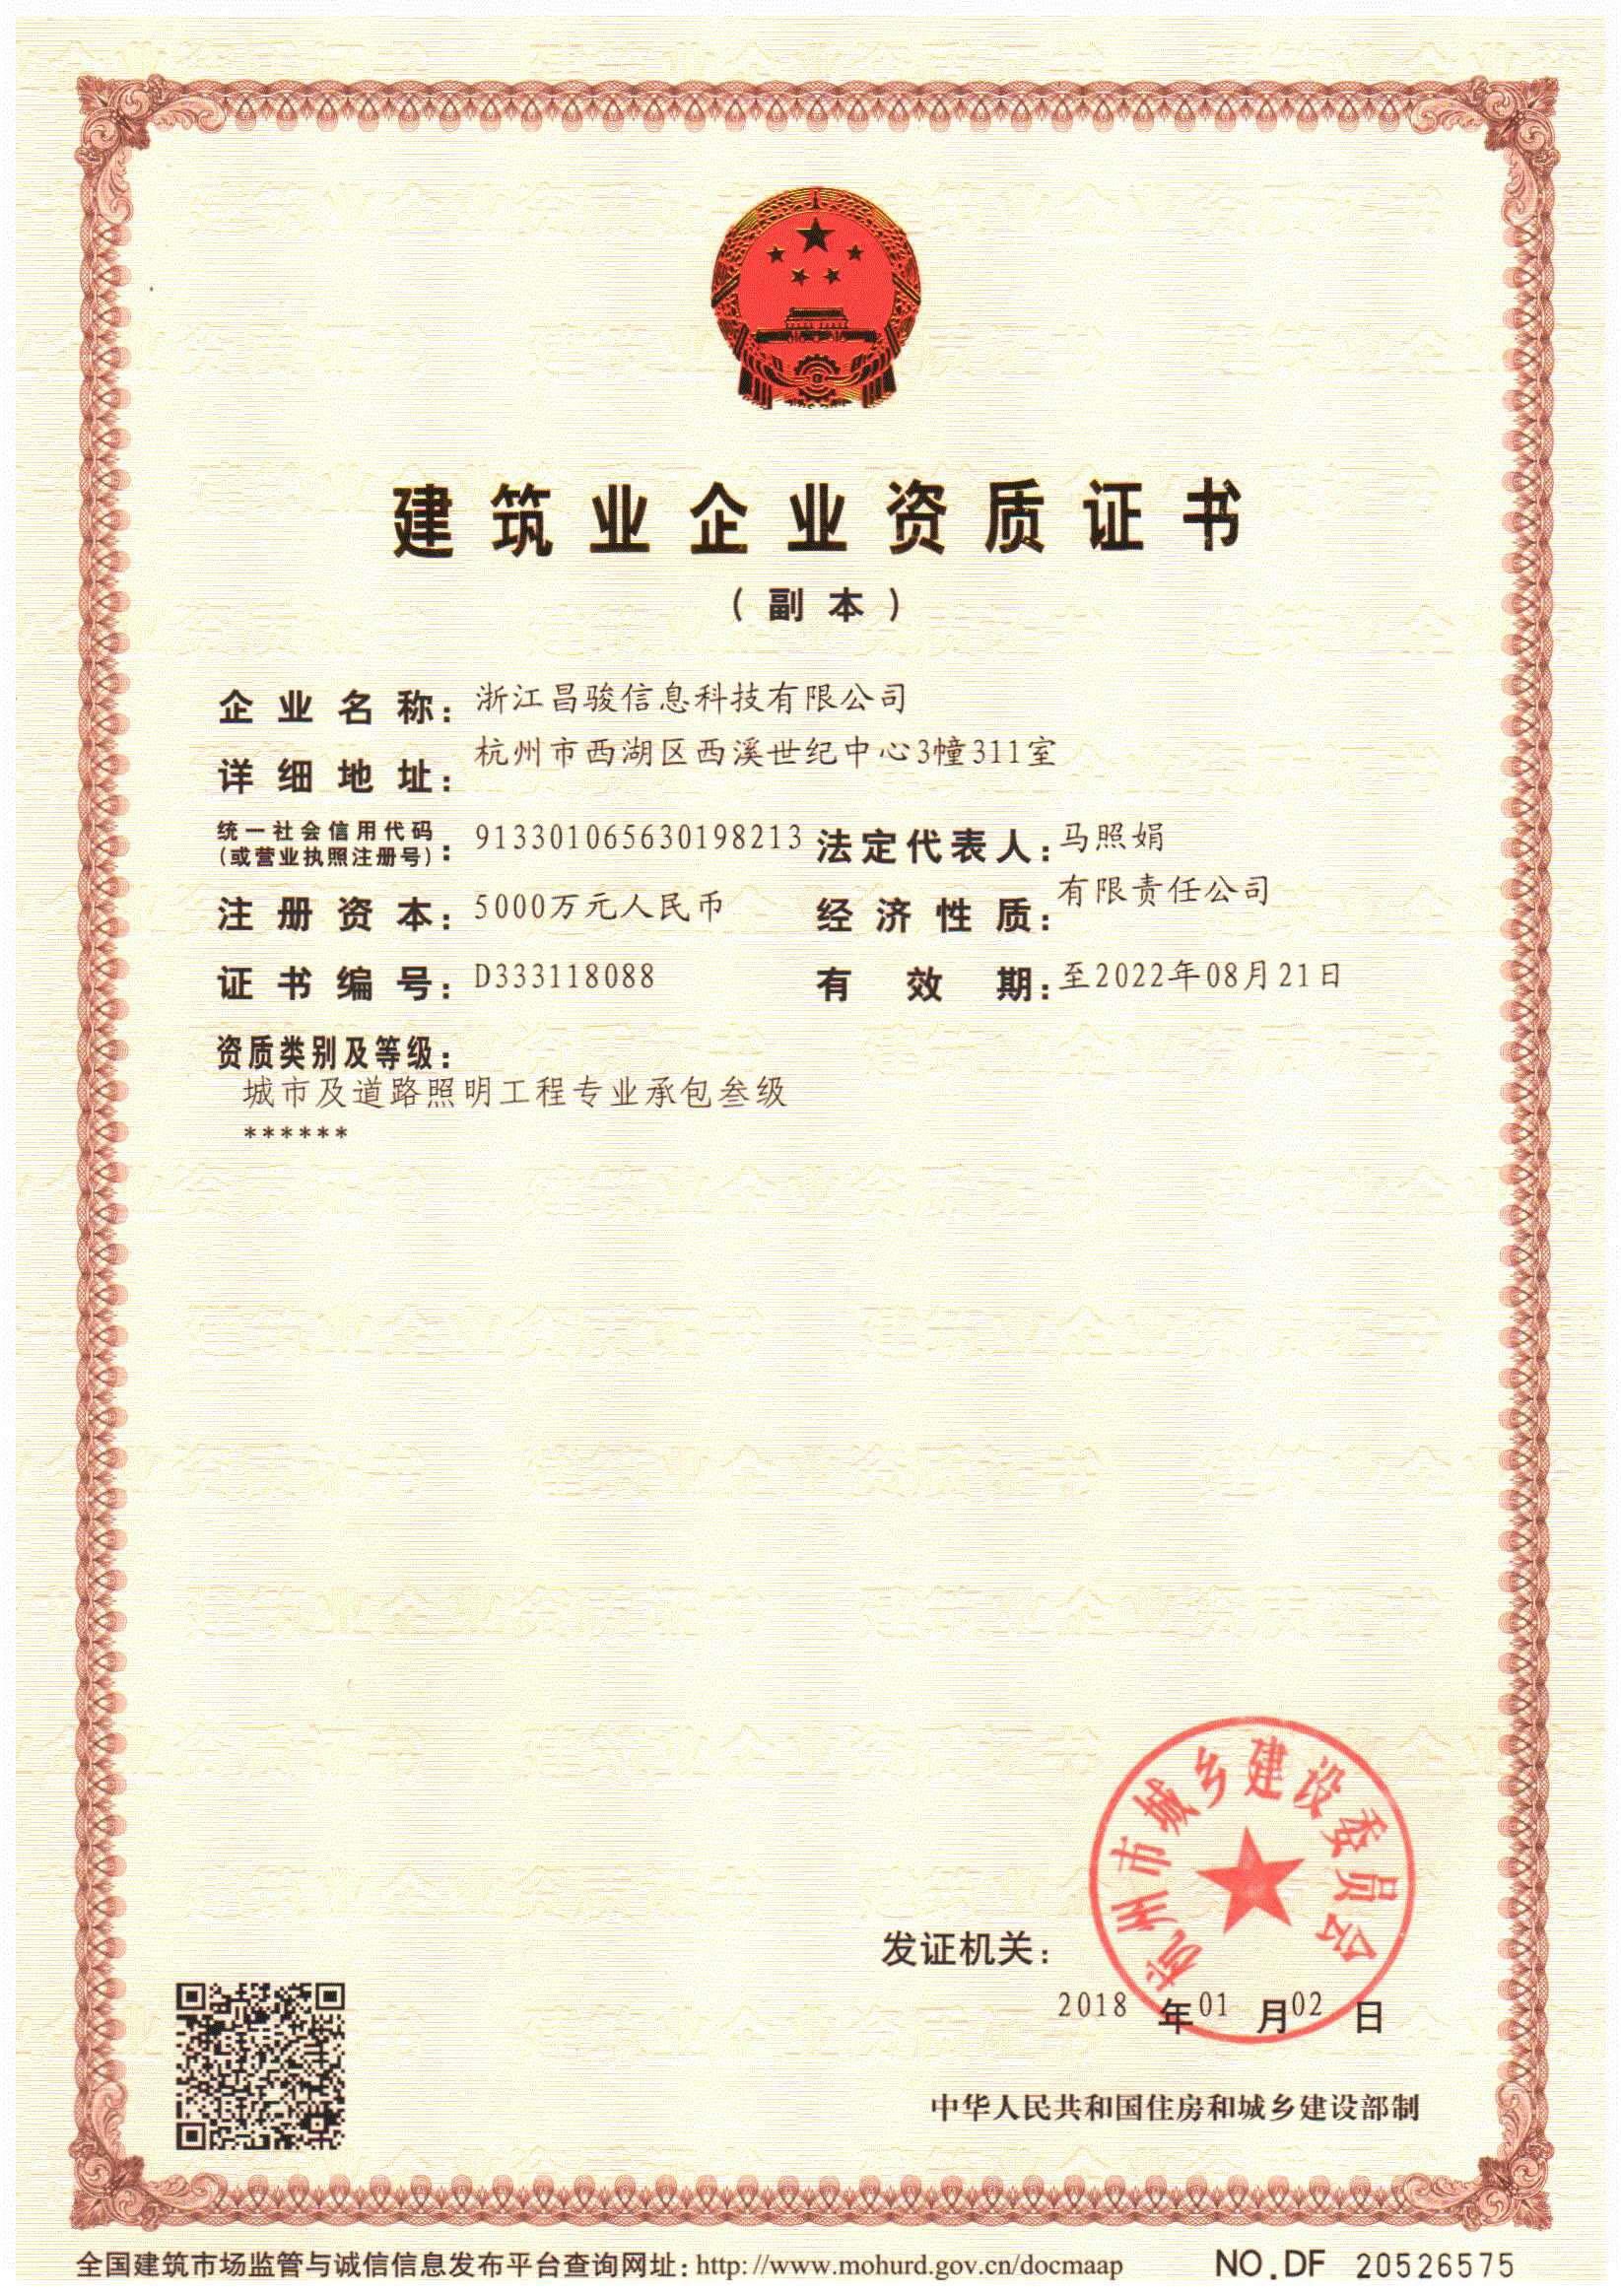 昌骏科技已取得泛光照明资质证书